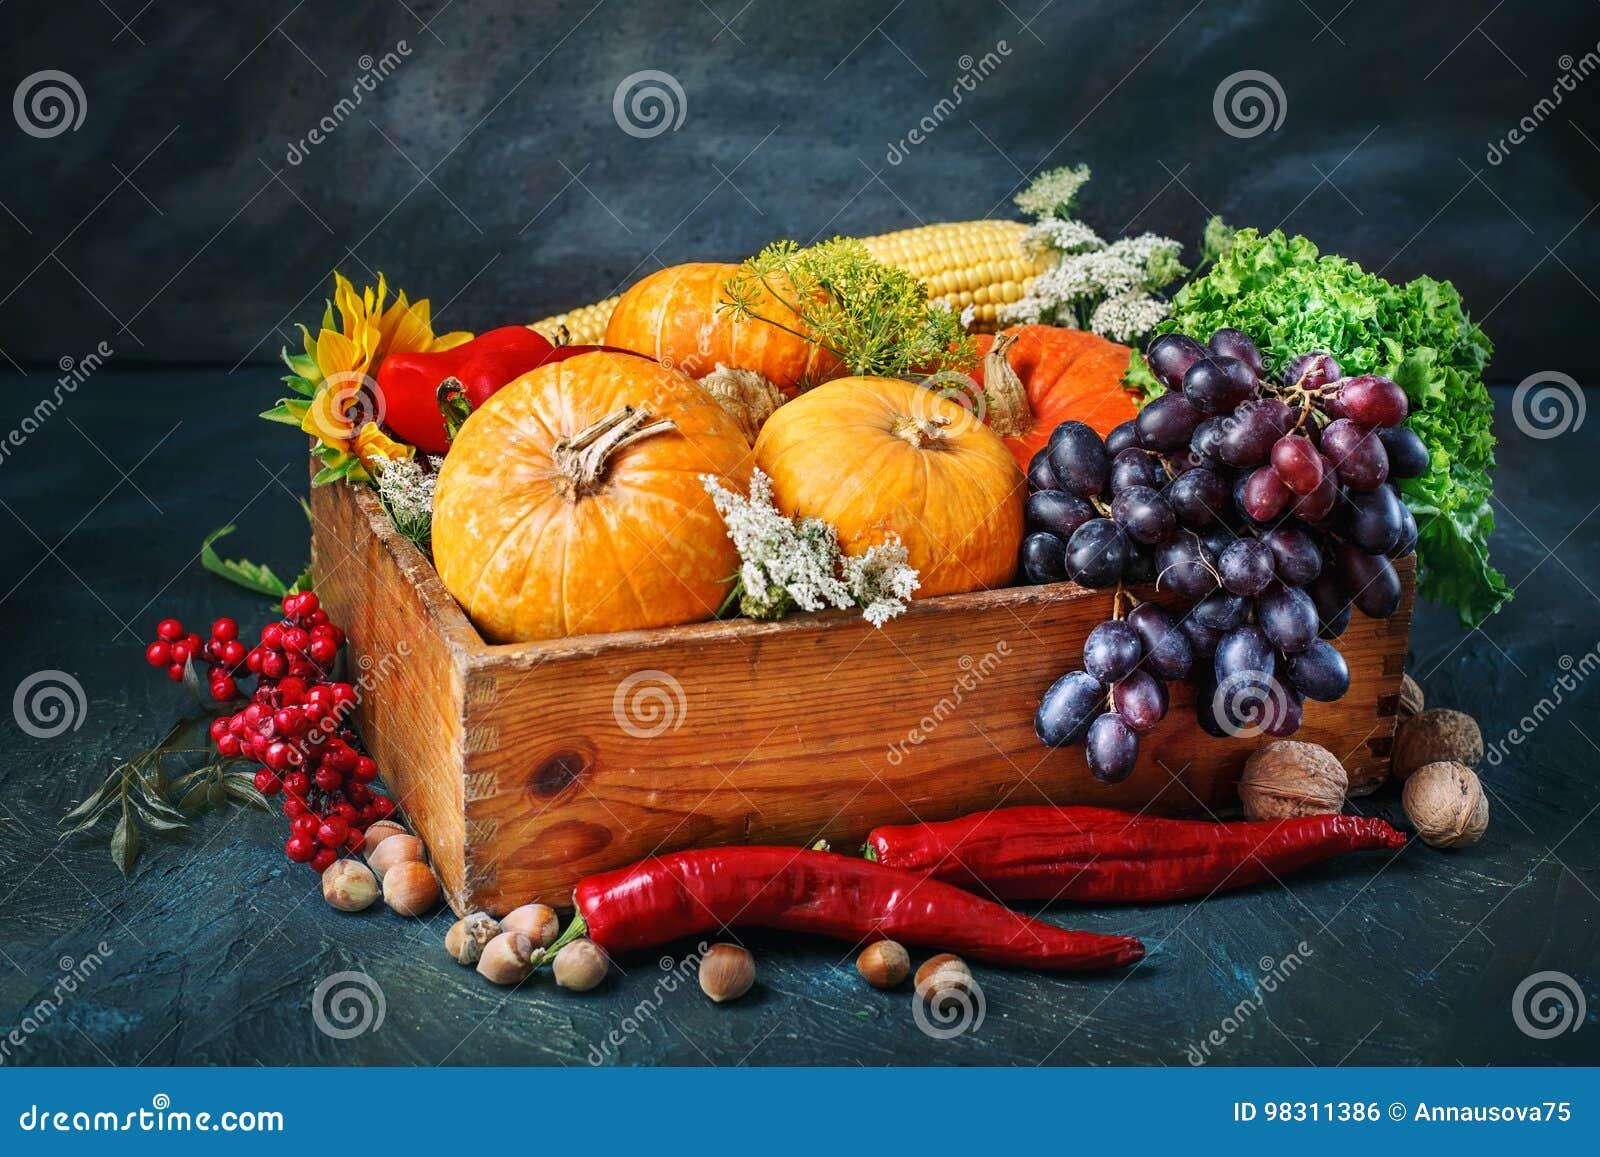 Ο πίνακας, που διακοσμείται με τα λαχανικά και τα φρούτα Φεστιβάλ συγκομιδών, ευτυχής ημέρα των ευχαριστιών